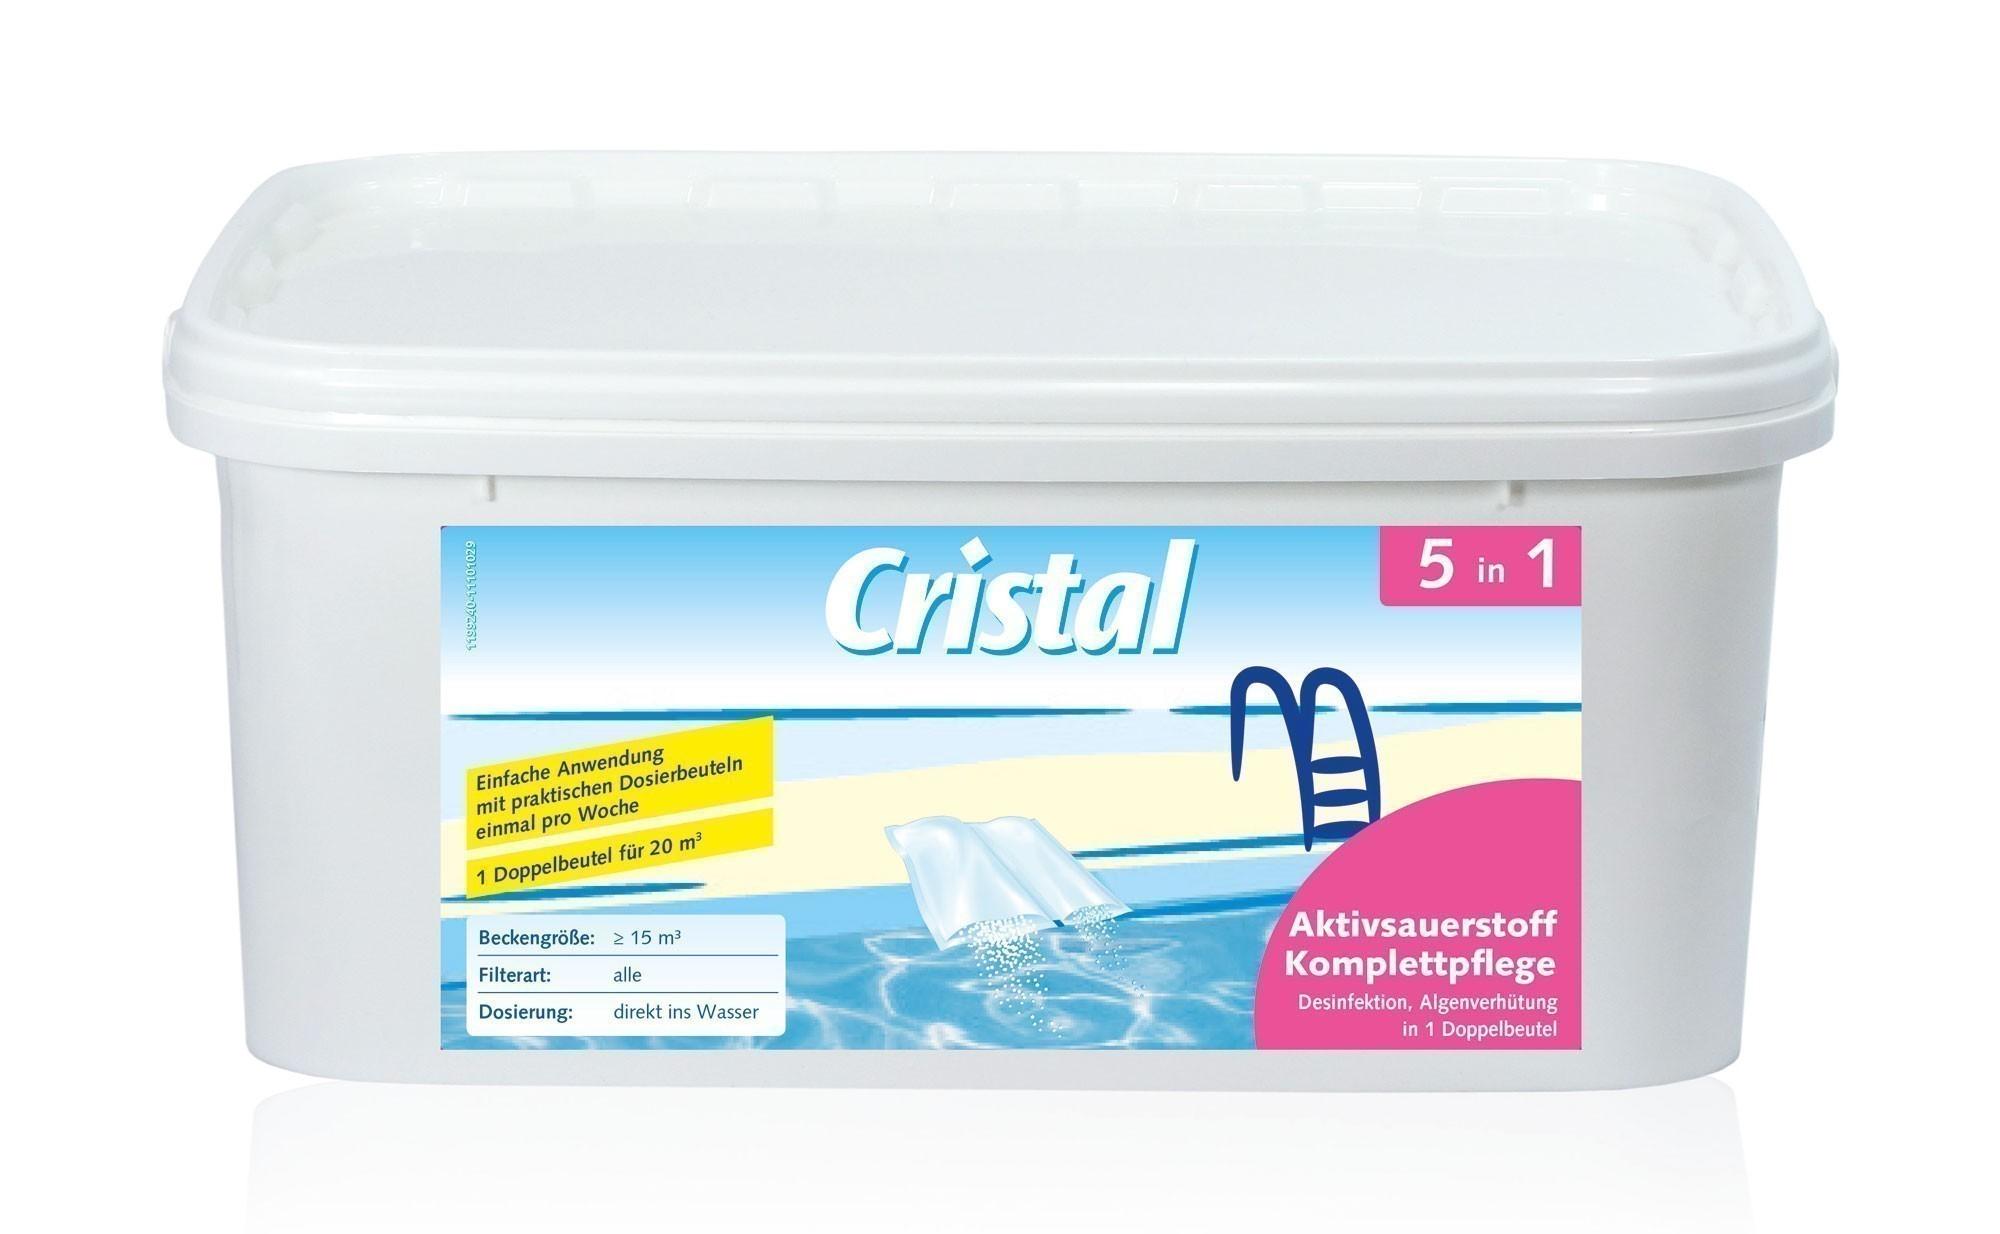 Cristal Wasserpflege Aktivsauerstoff Komplettpflege 2,24kg Bild 1